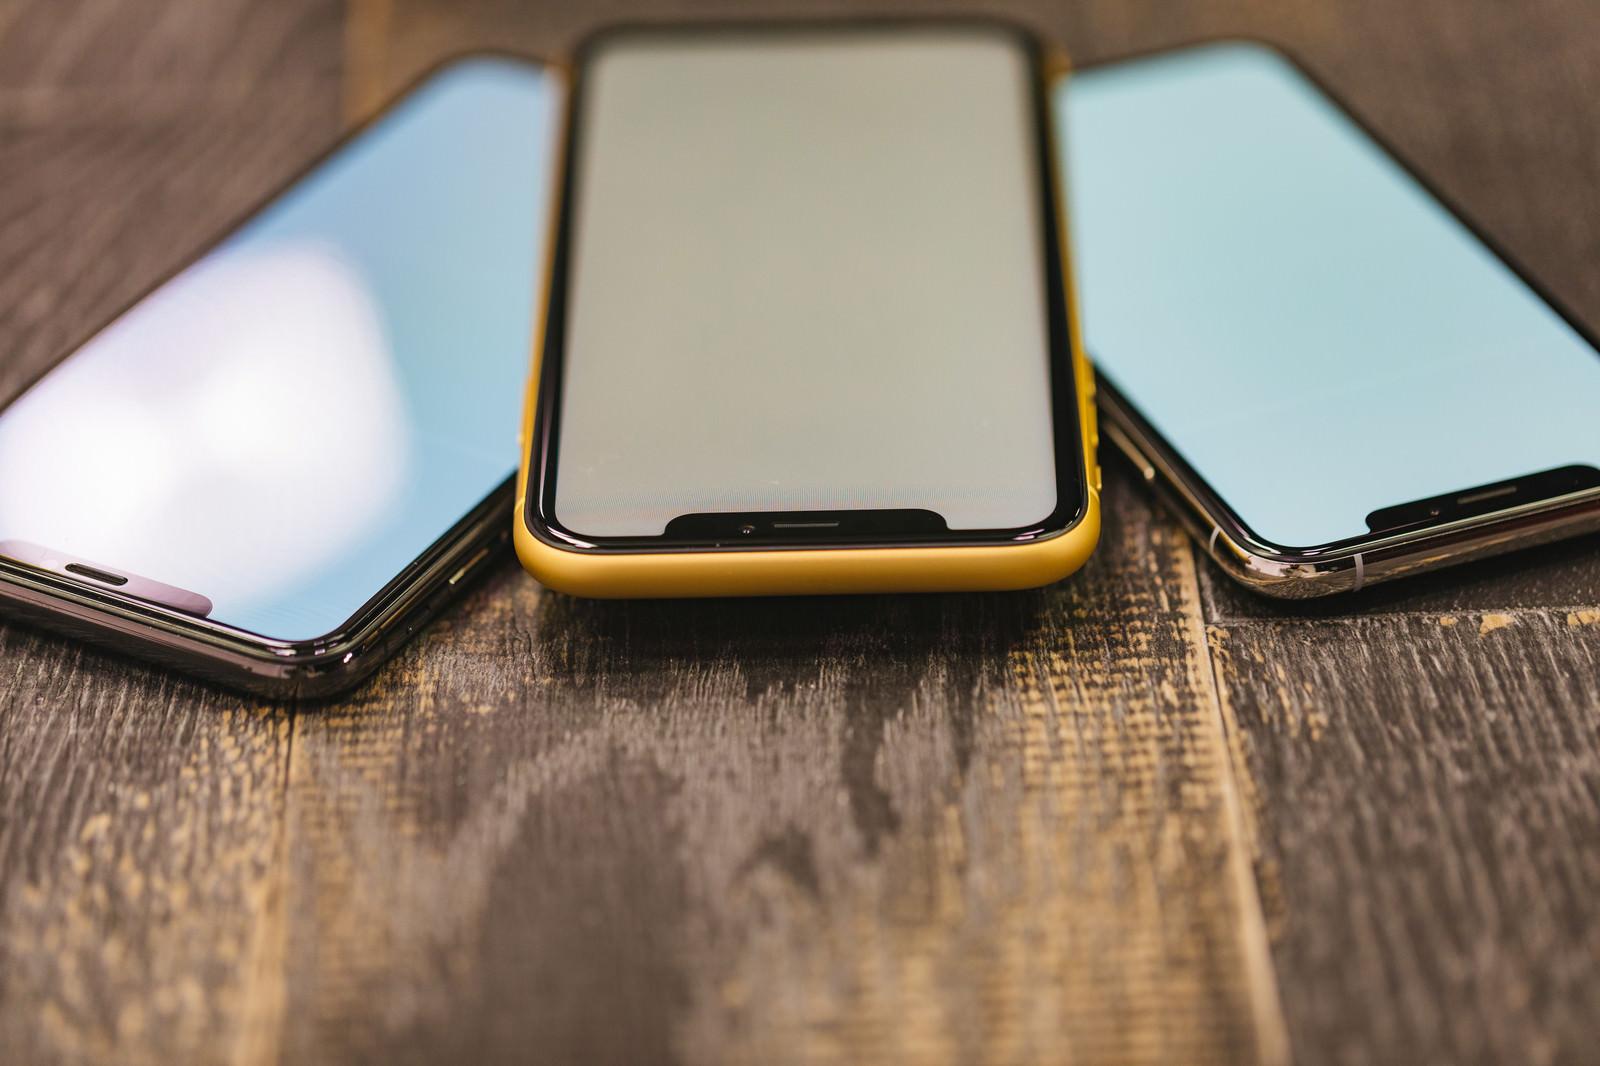 「iPhoneX の有機ELと iPhone XR の液晶ディスプレイを斜めから見る」の写真